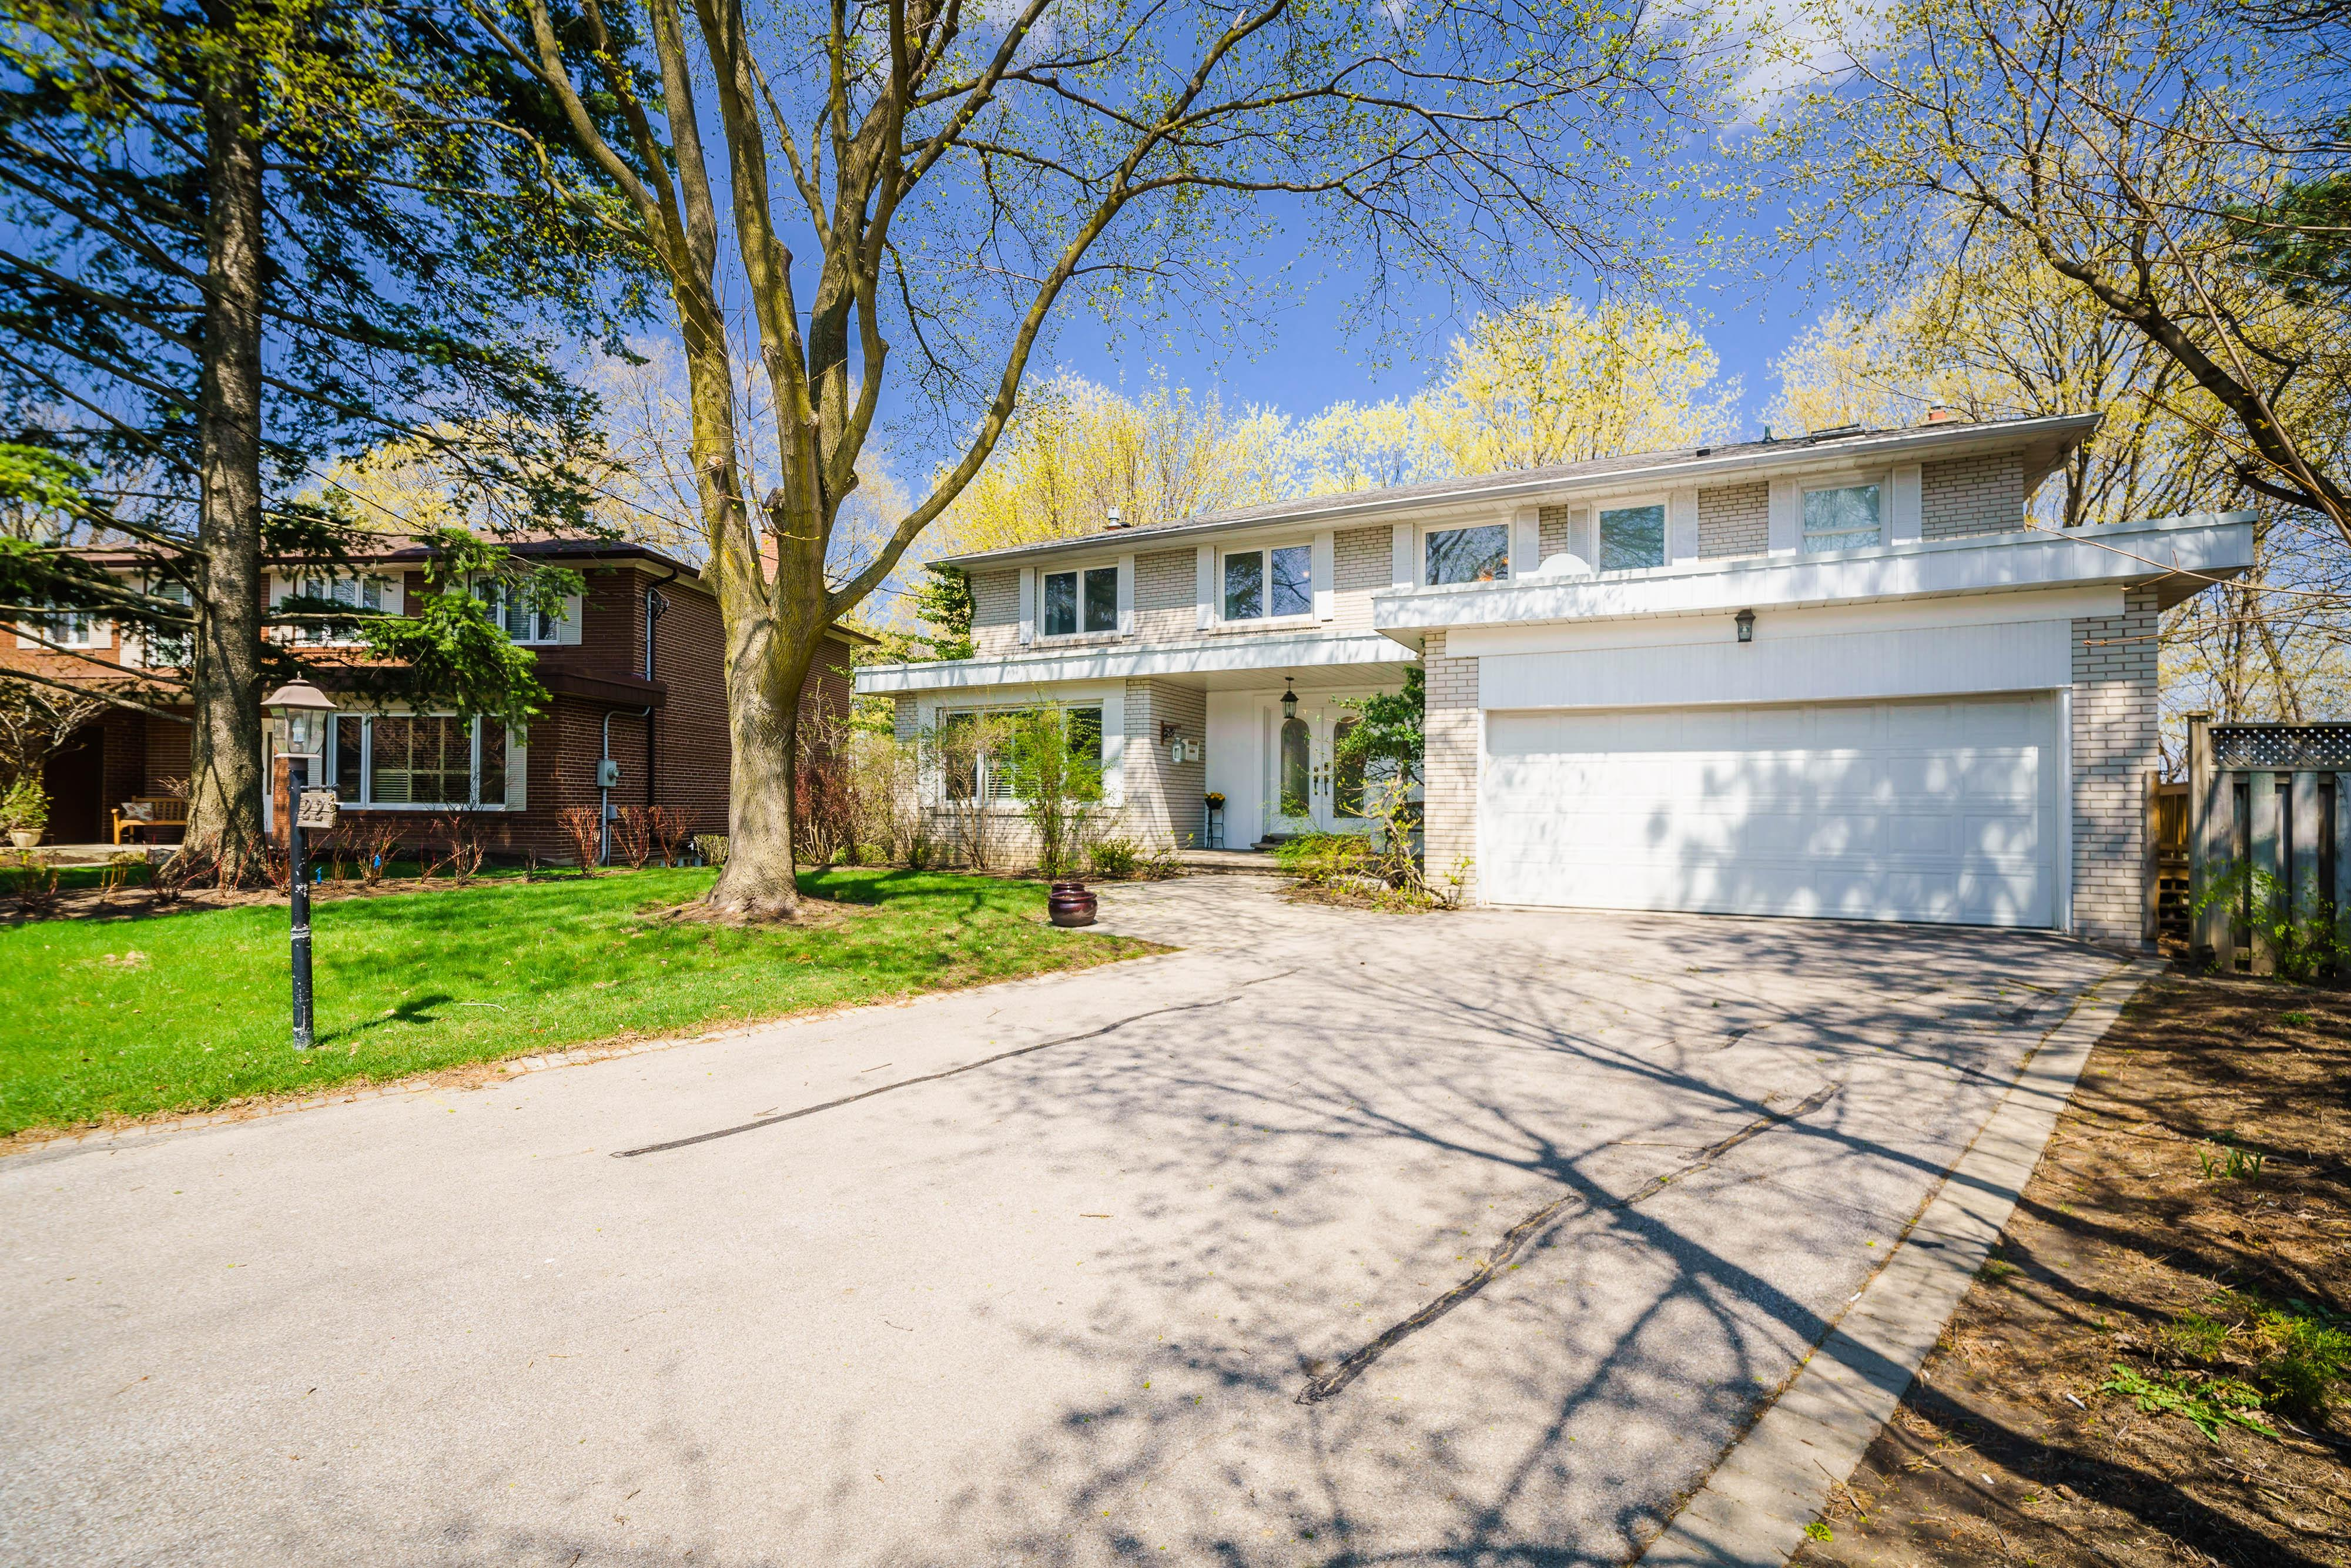 22 Woodthrush Court, Bayview Village, Toronto